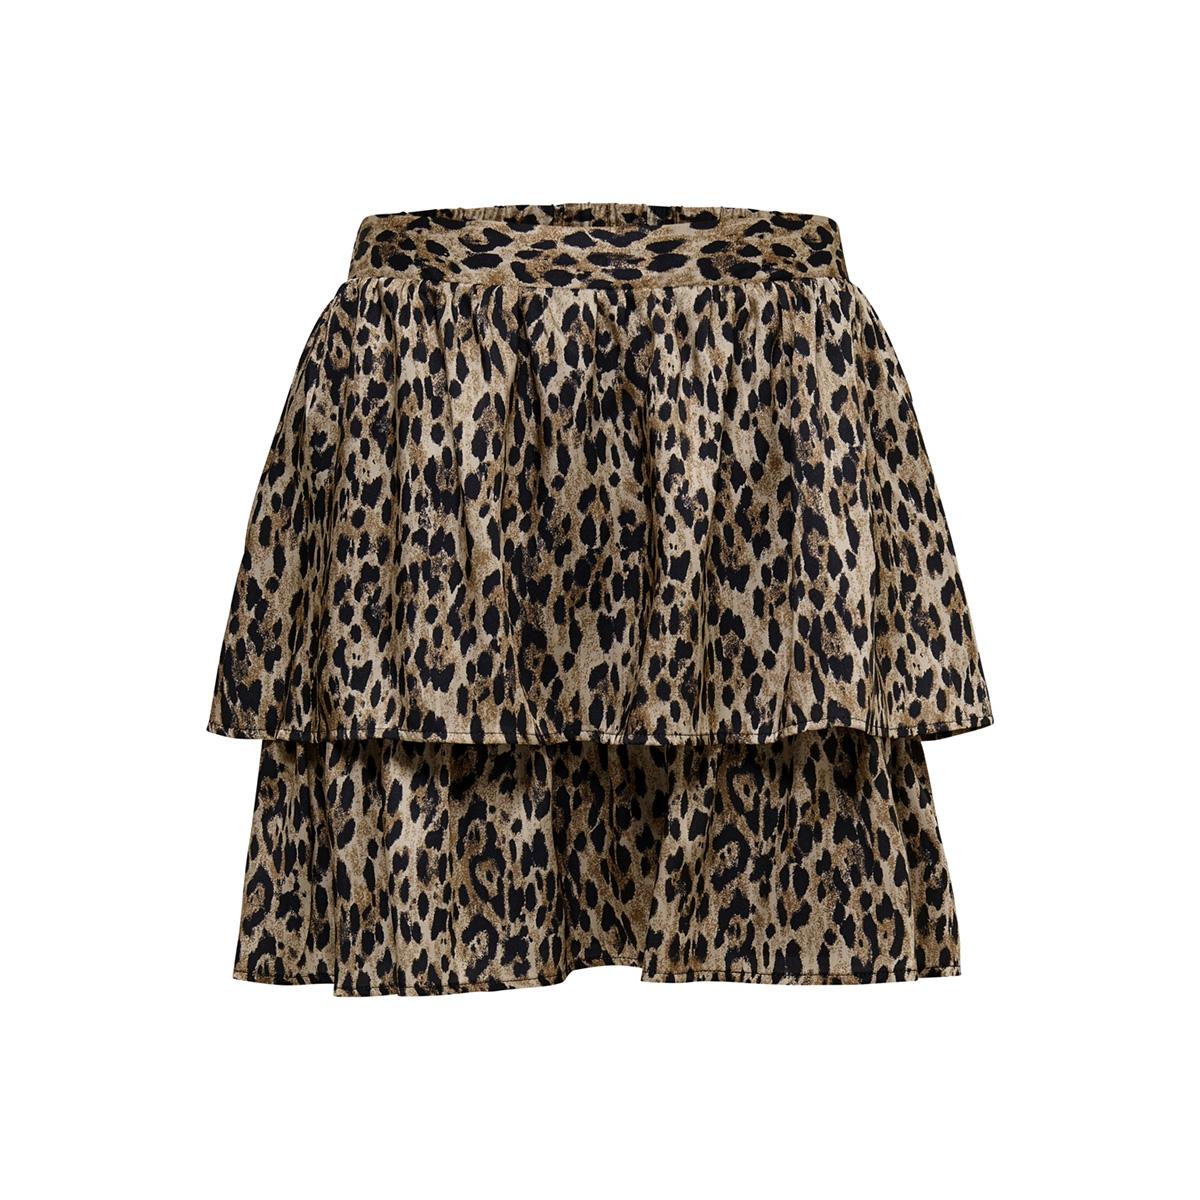 onlkarla short aop skirt tlr 15180770 only rok black/leo